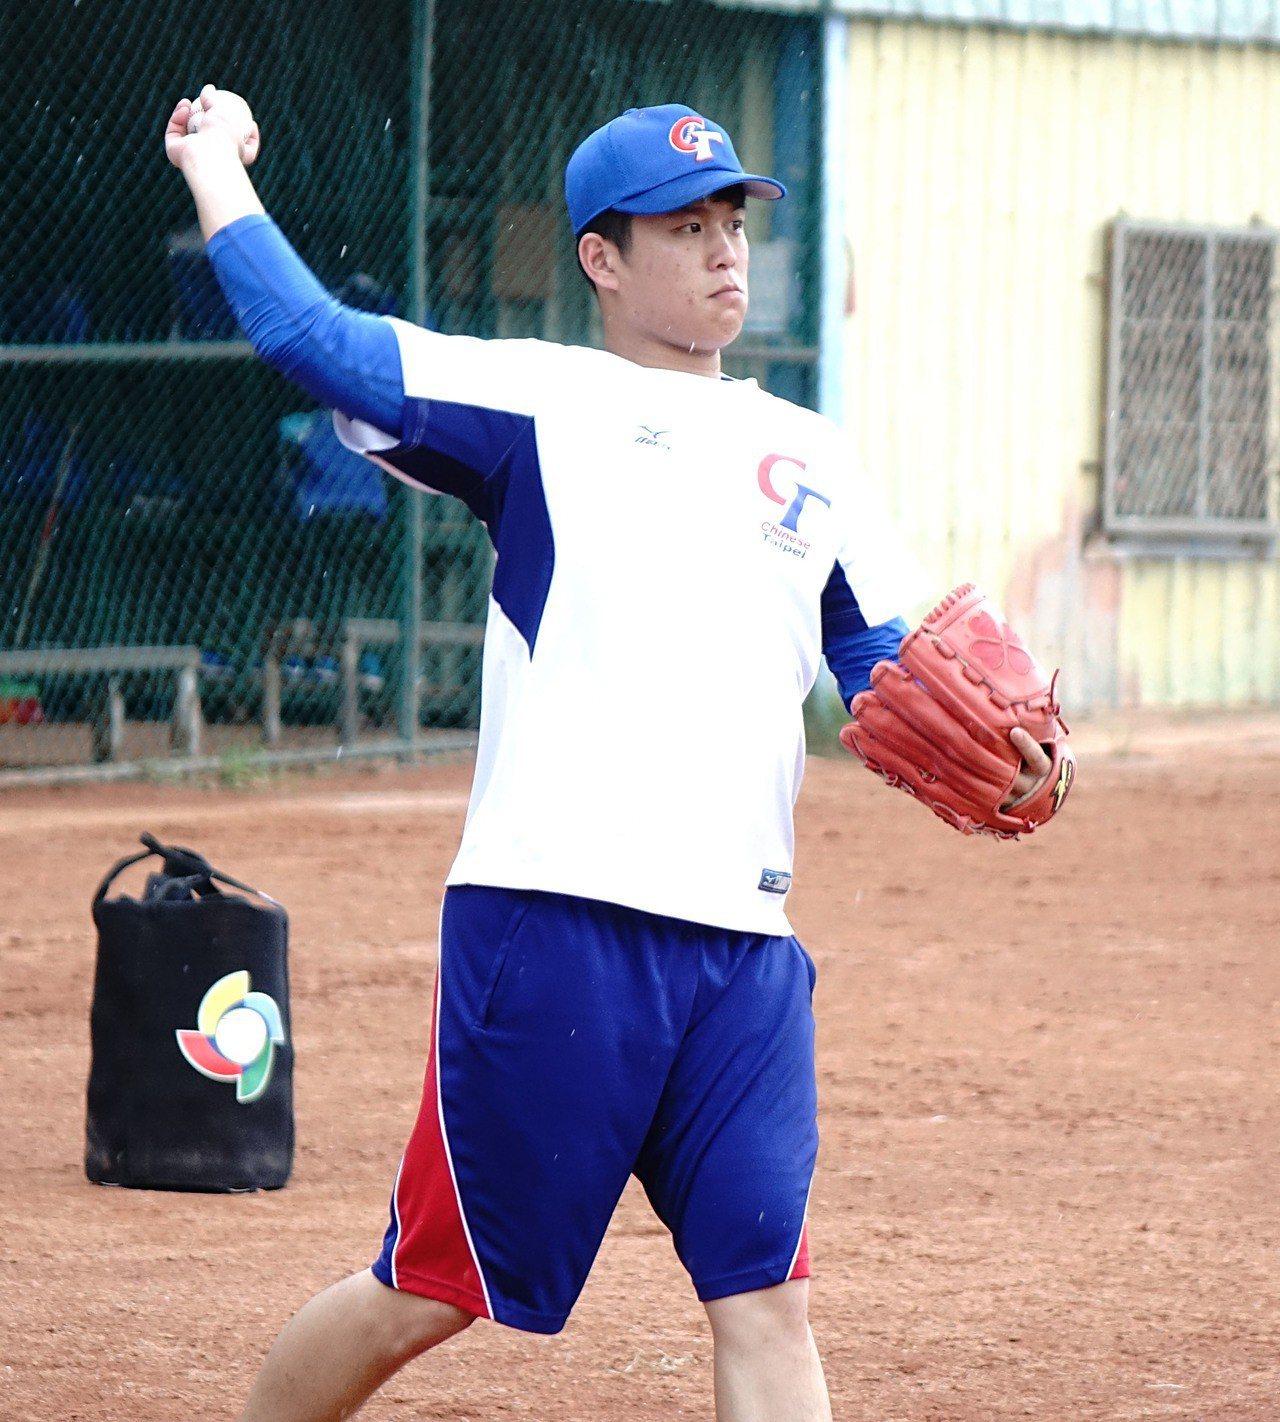 2018世界大學棒球錦標賽中華隊19歲投手蘇俊璋,在世大棒賽事中扛起終結者重任,...